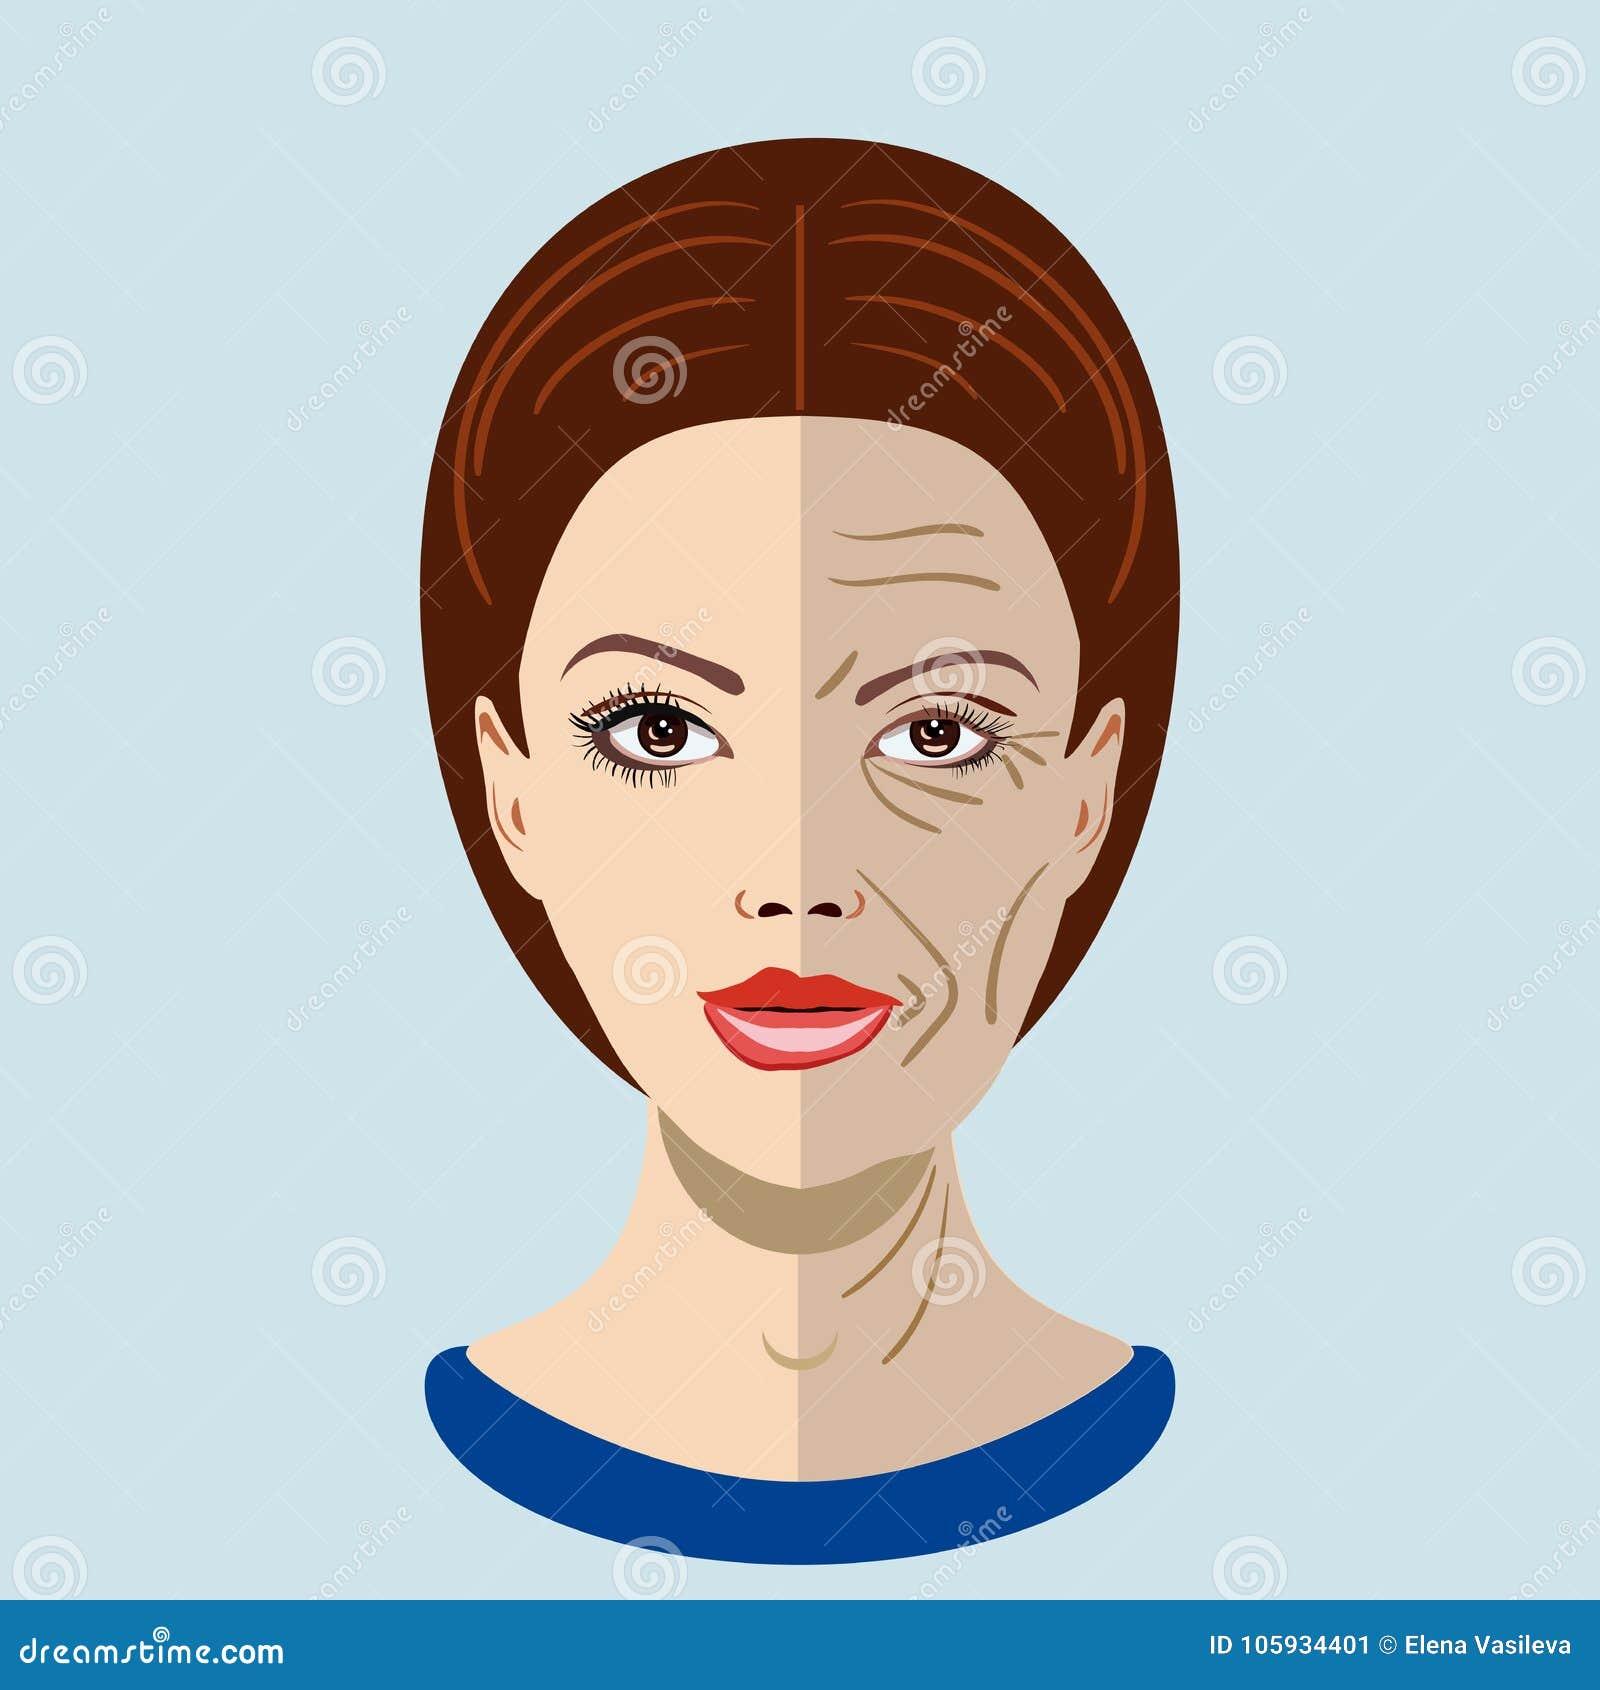 Διανυσματική διαδικασία γήρανσης, πρόσωπο με δύο τύπους δερμάτων, νέος και παλαιός